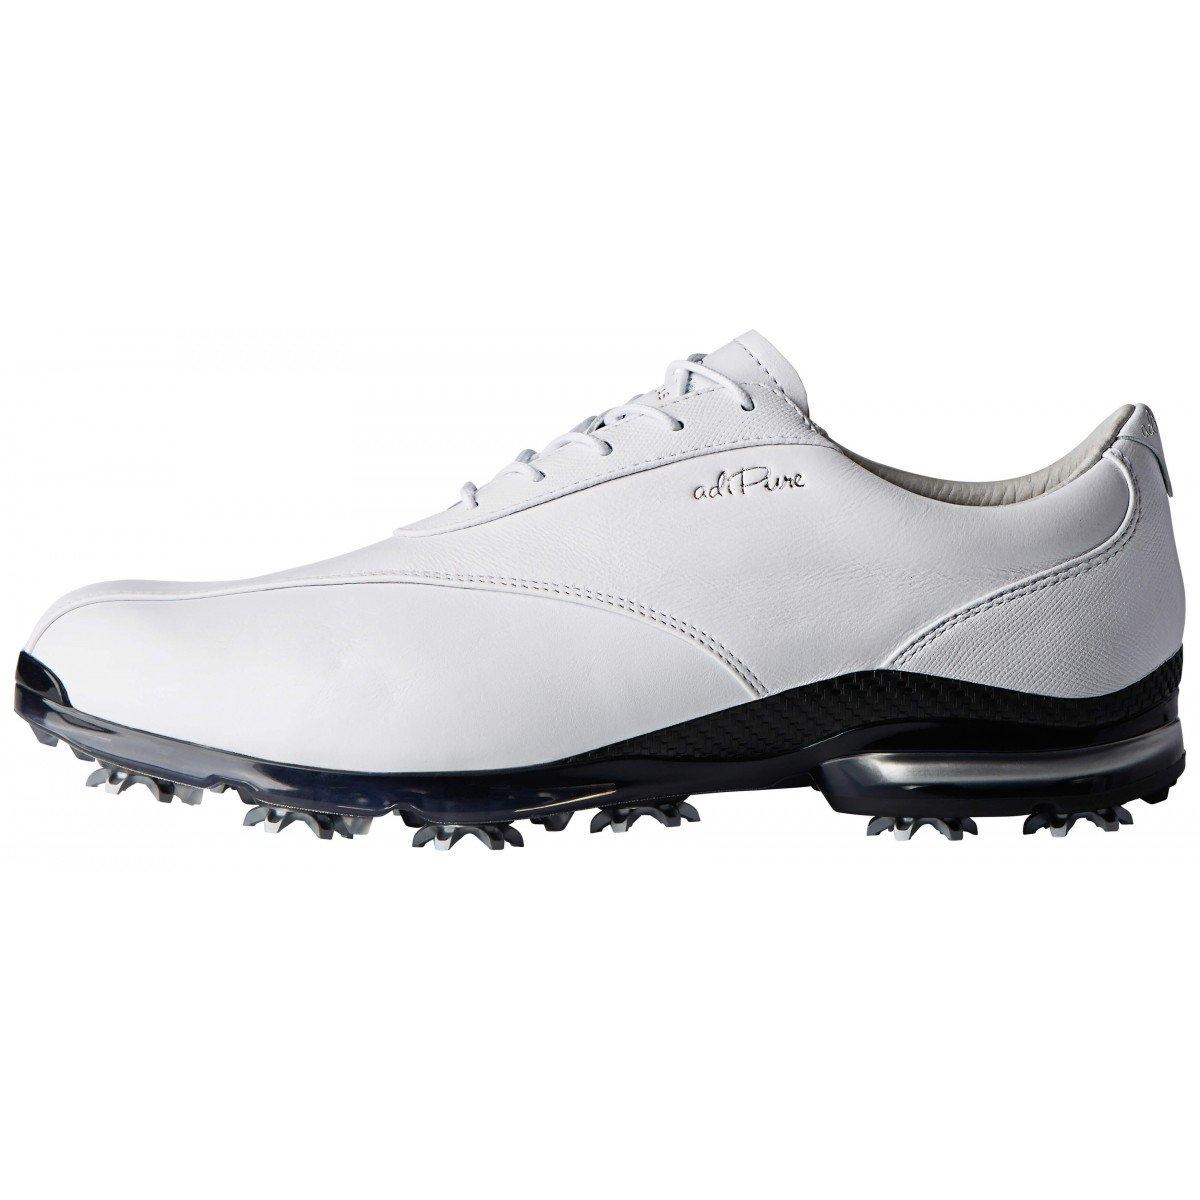 Adidas Adipure TP 2.0 FWTR White/Core Black/Silver Metallic